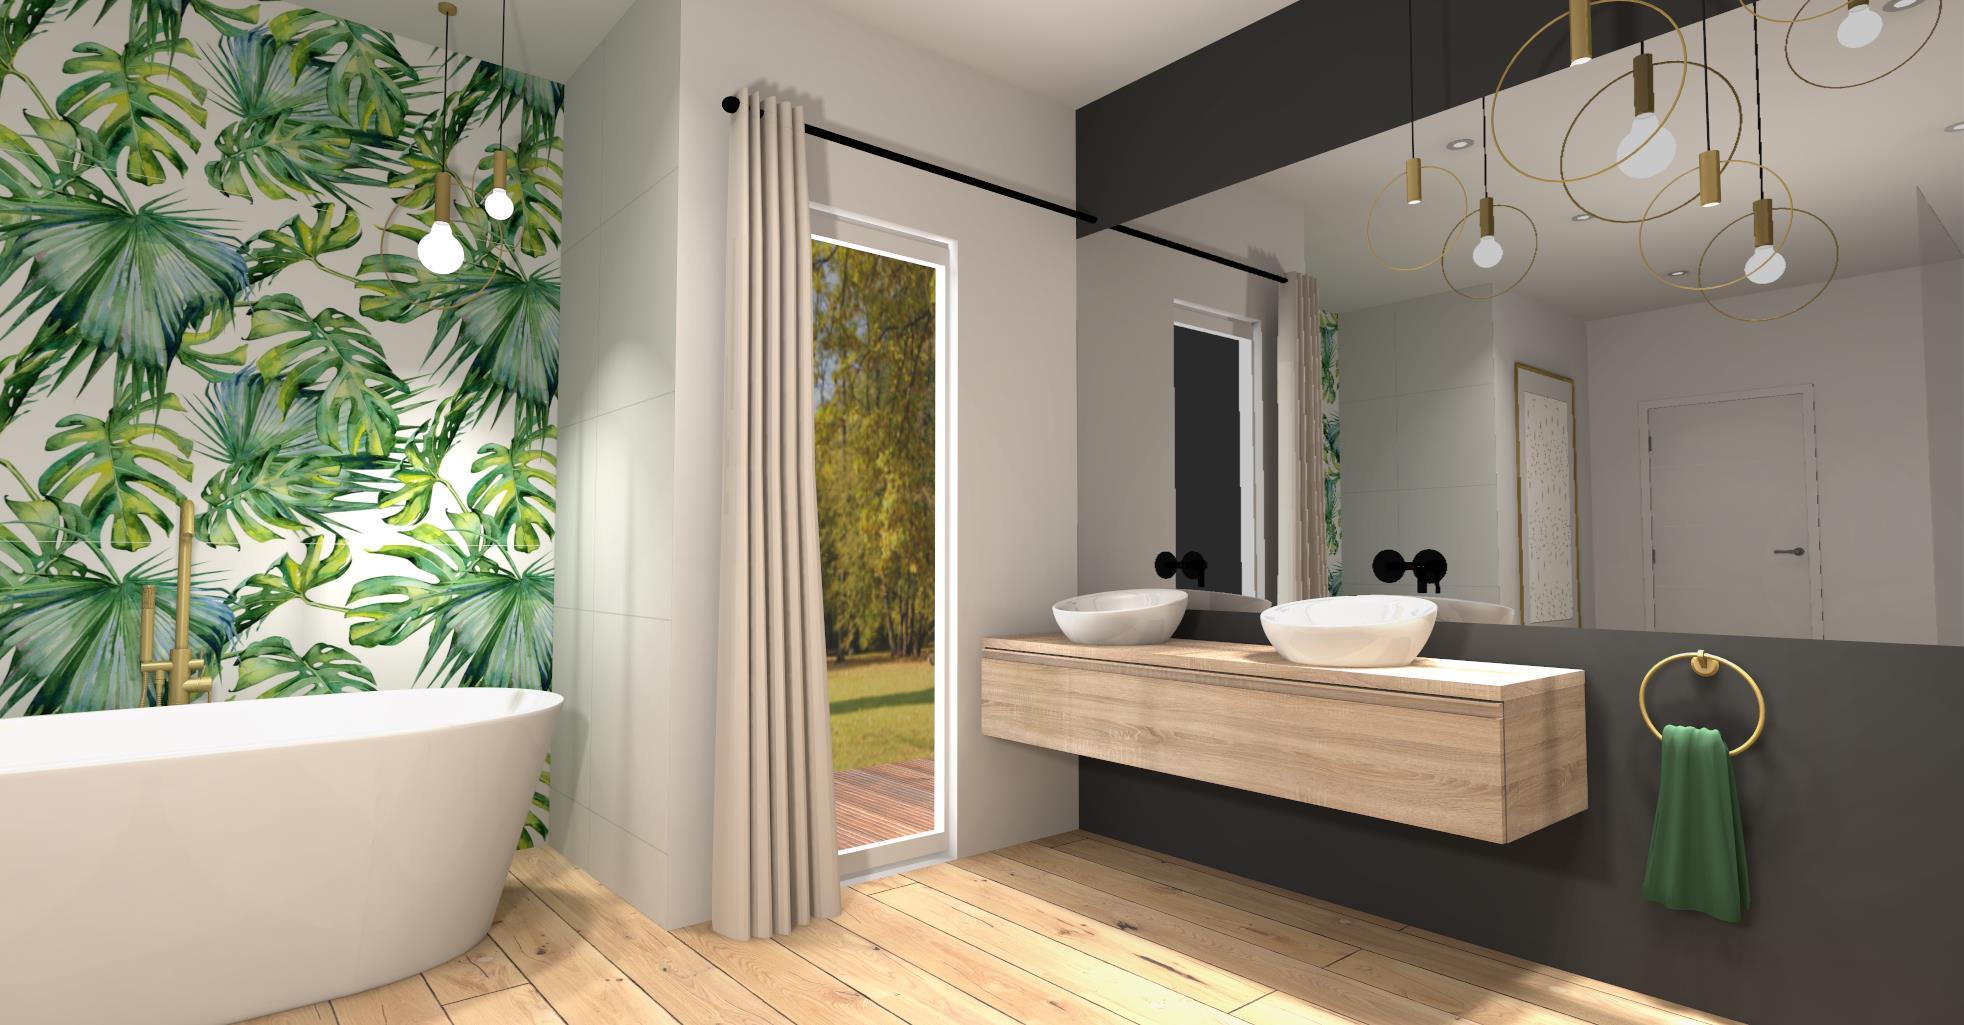 łazienka_3_10_2020